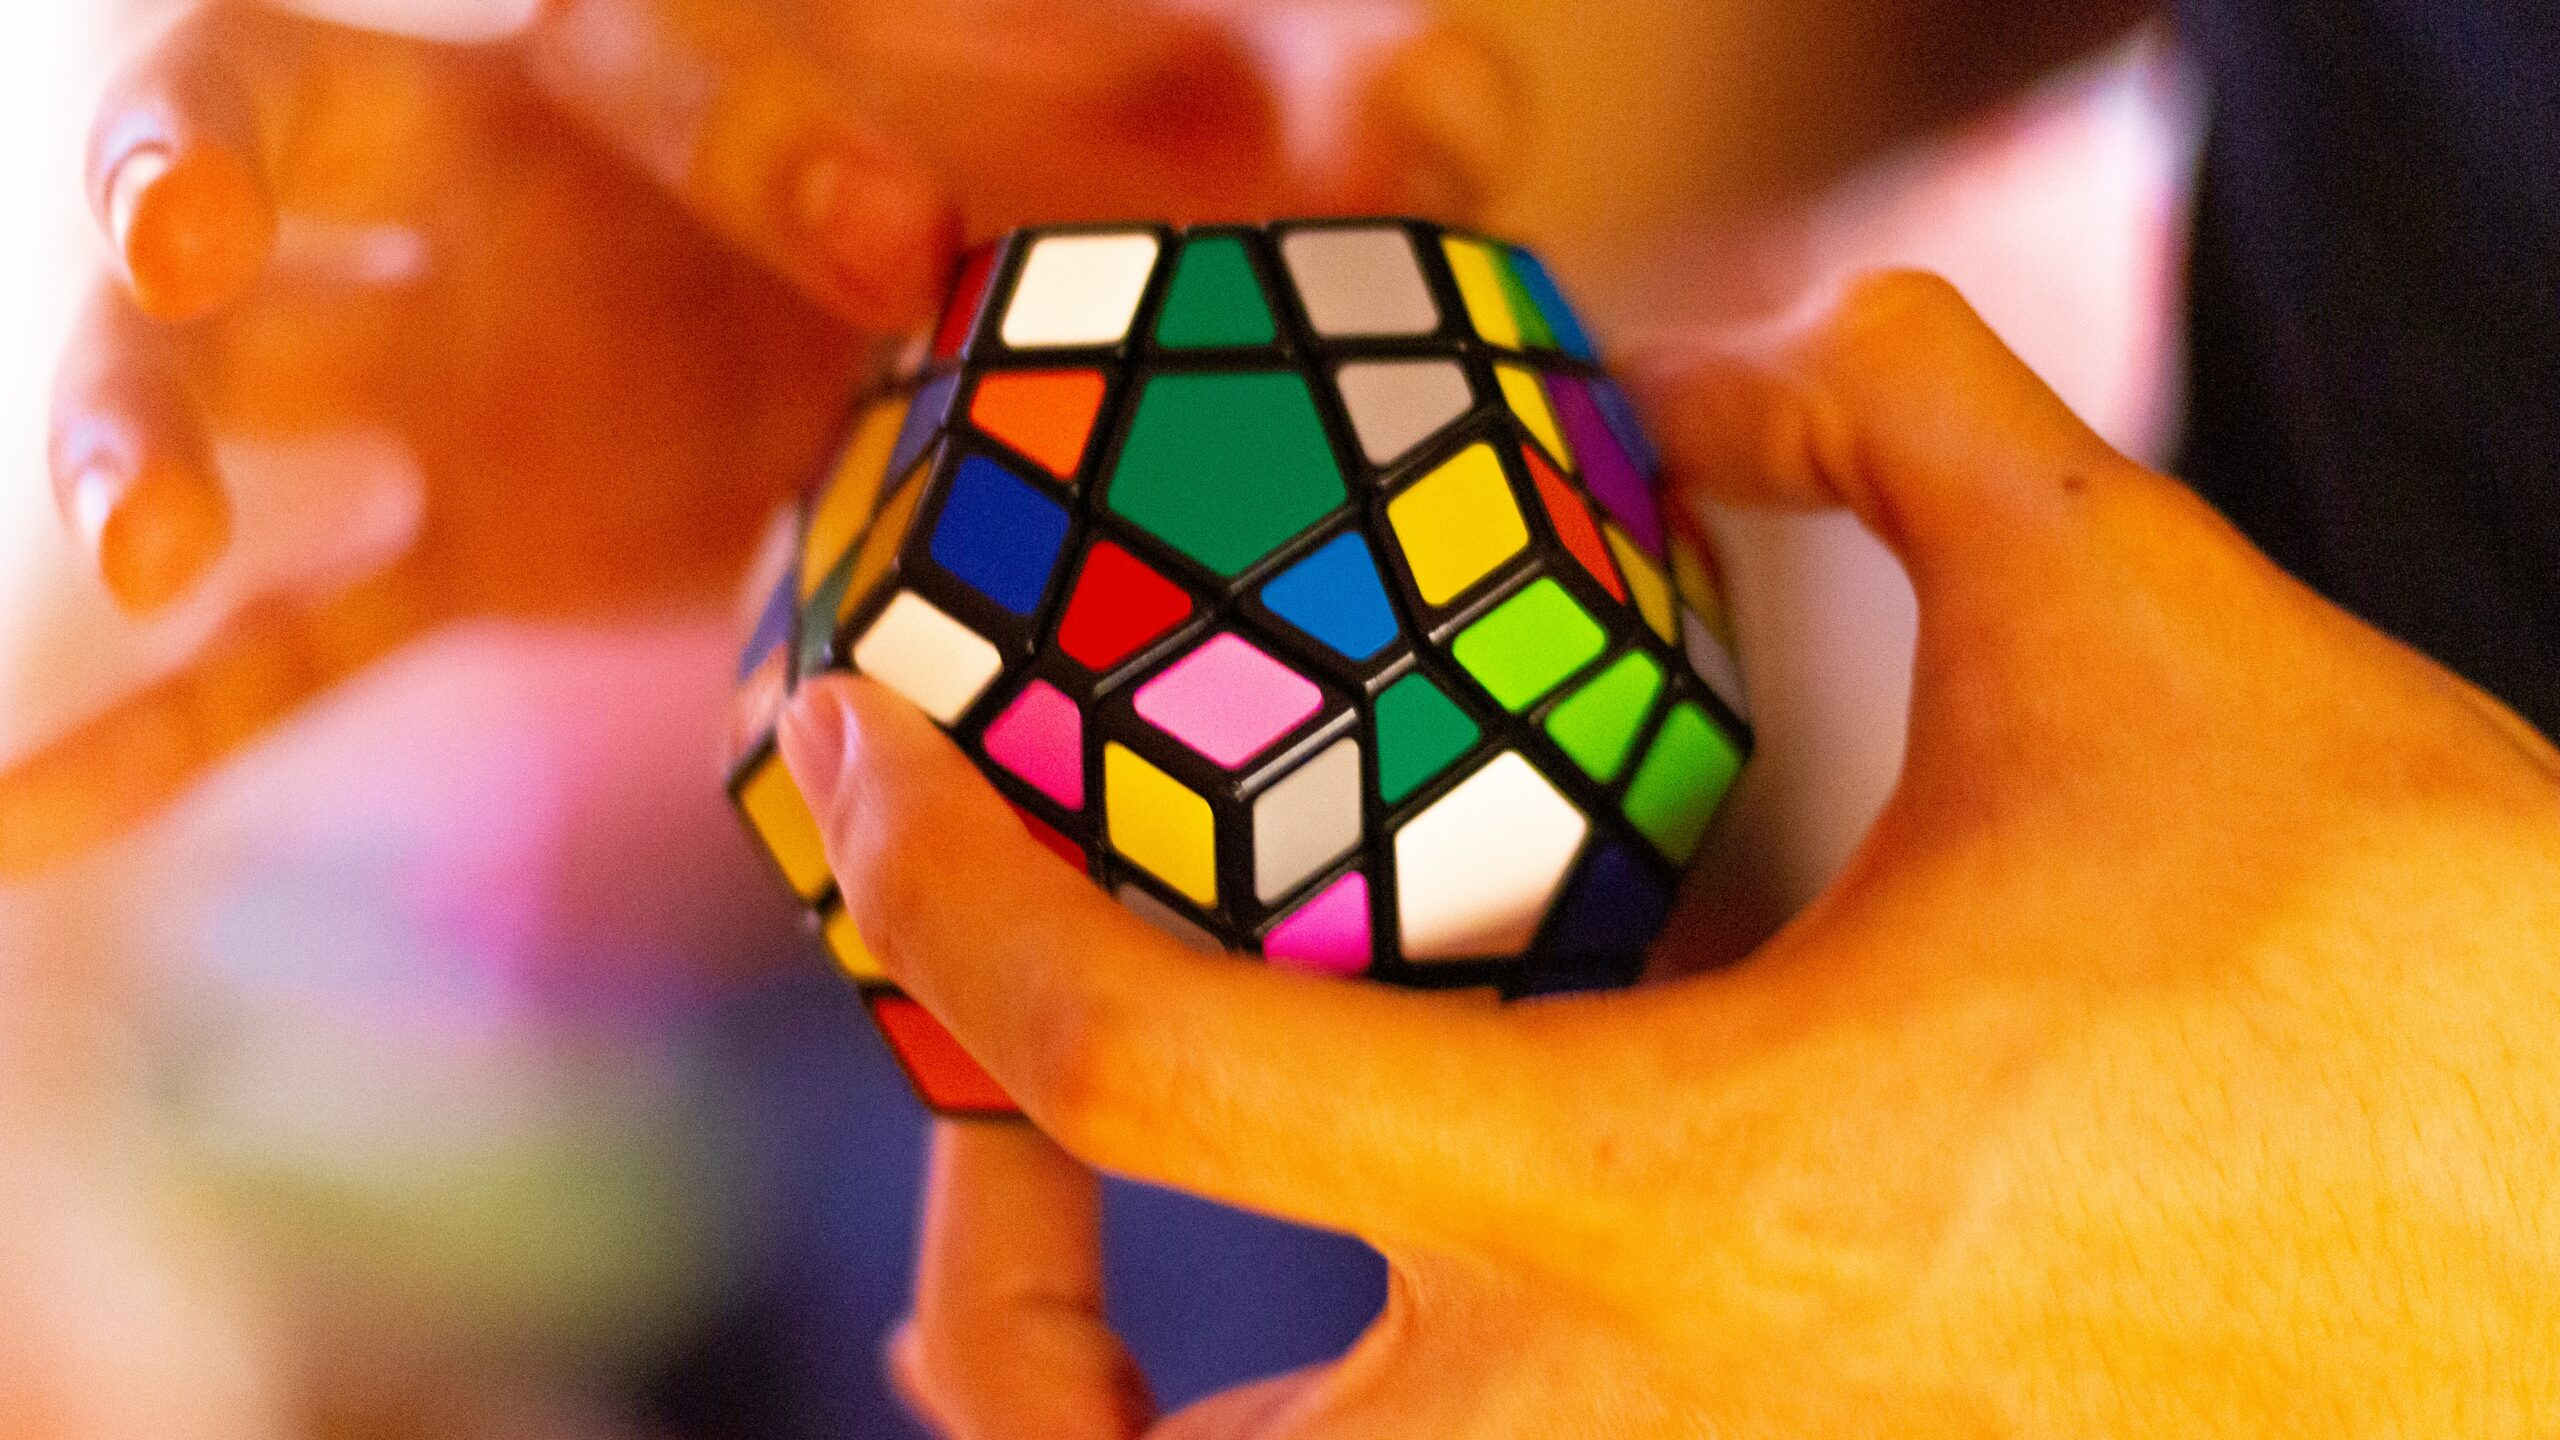 Gehirnjogging: Person spielt mit einen Rubiks Würfel